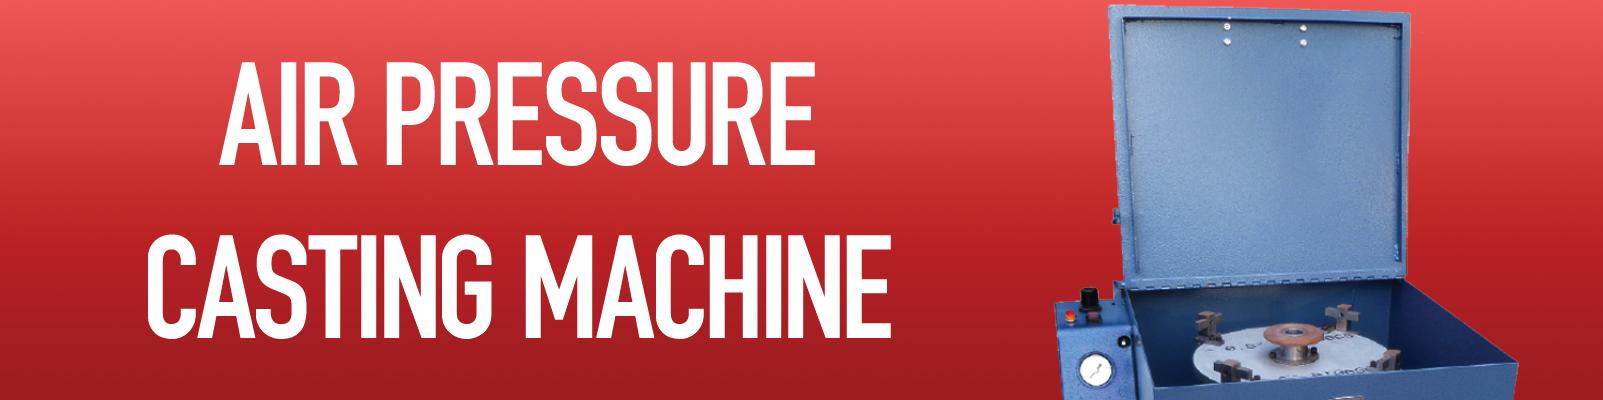 Air Pressure Casting Machines